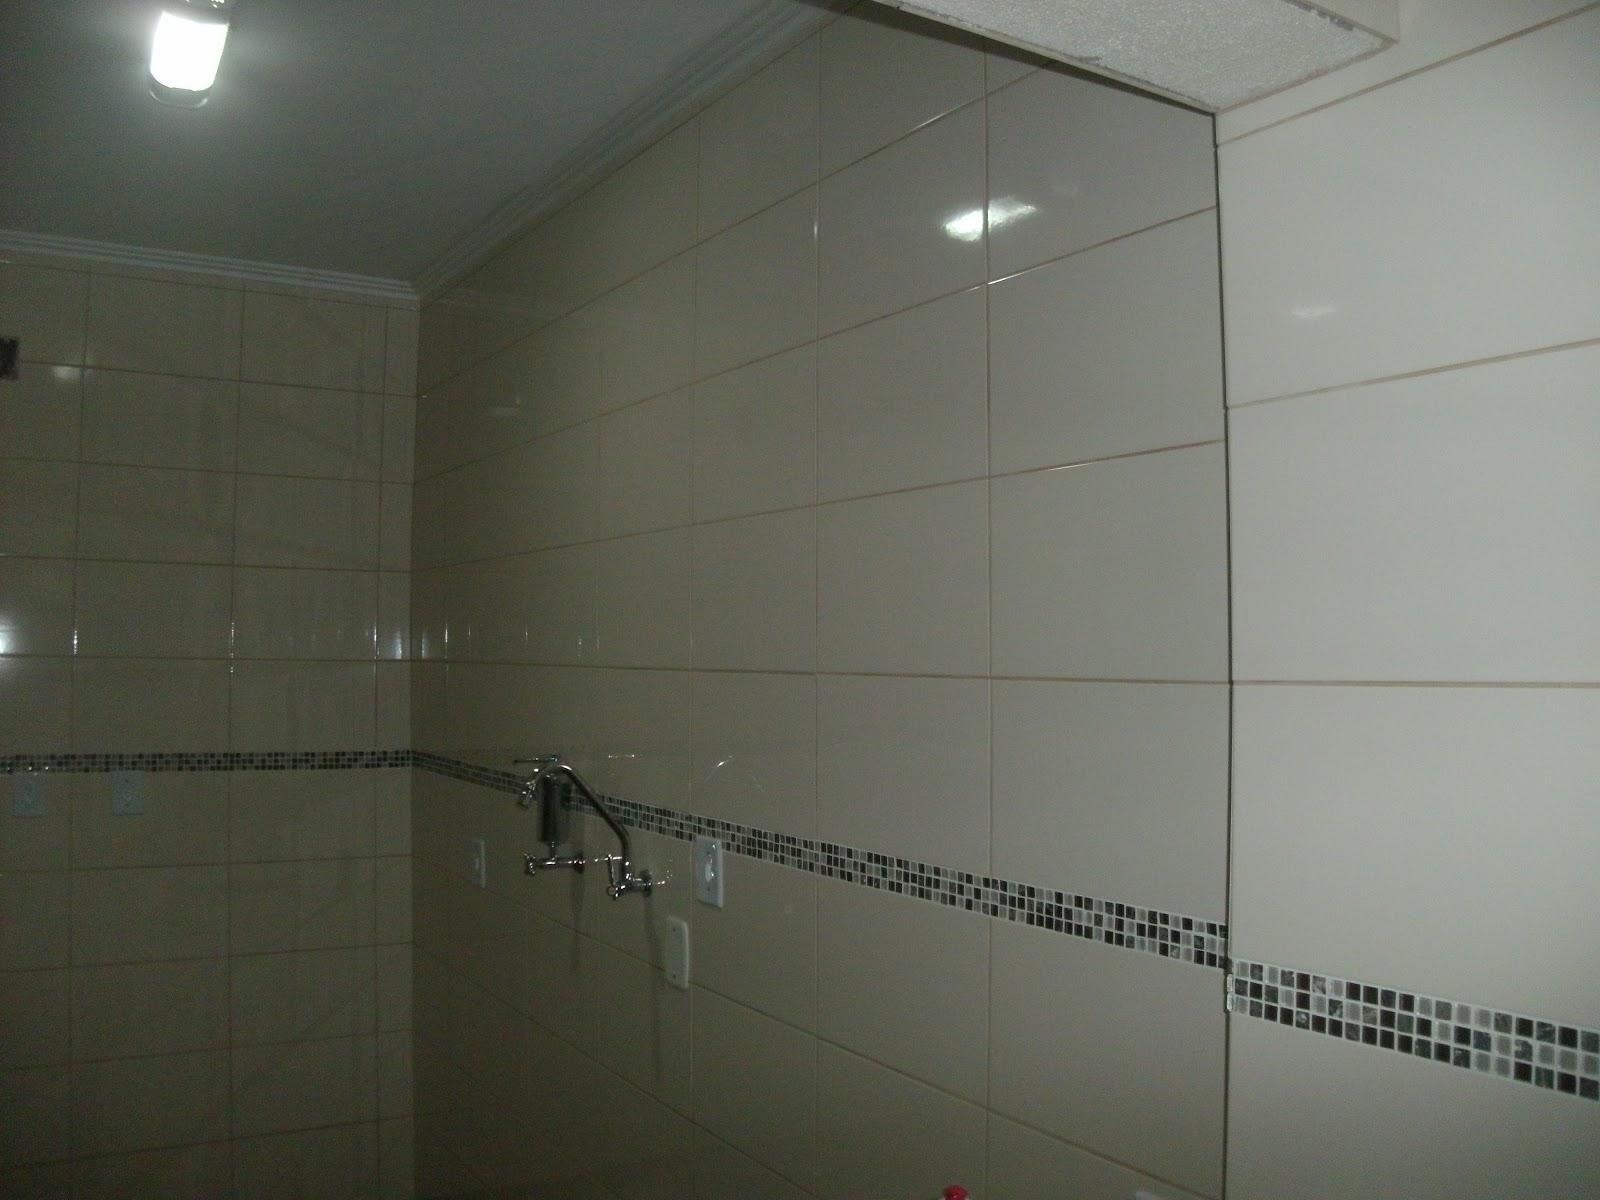 Empreiteira Só Reformas: Revestimentos de banheiro #575043 1600x1200 Banheiro Com Azulejo Retificado